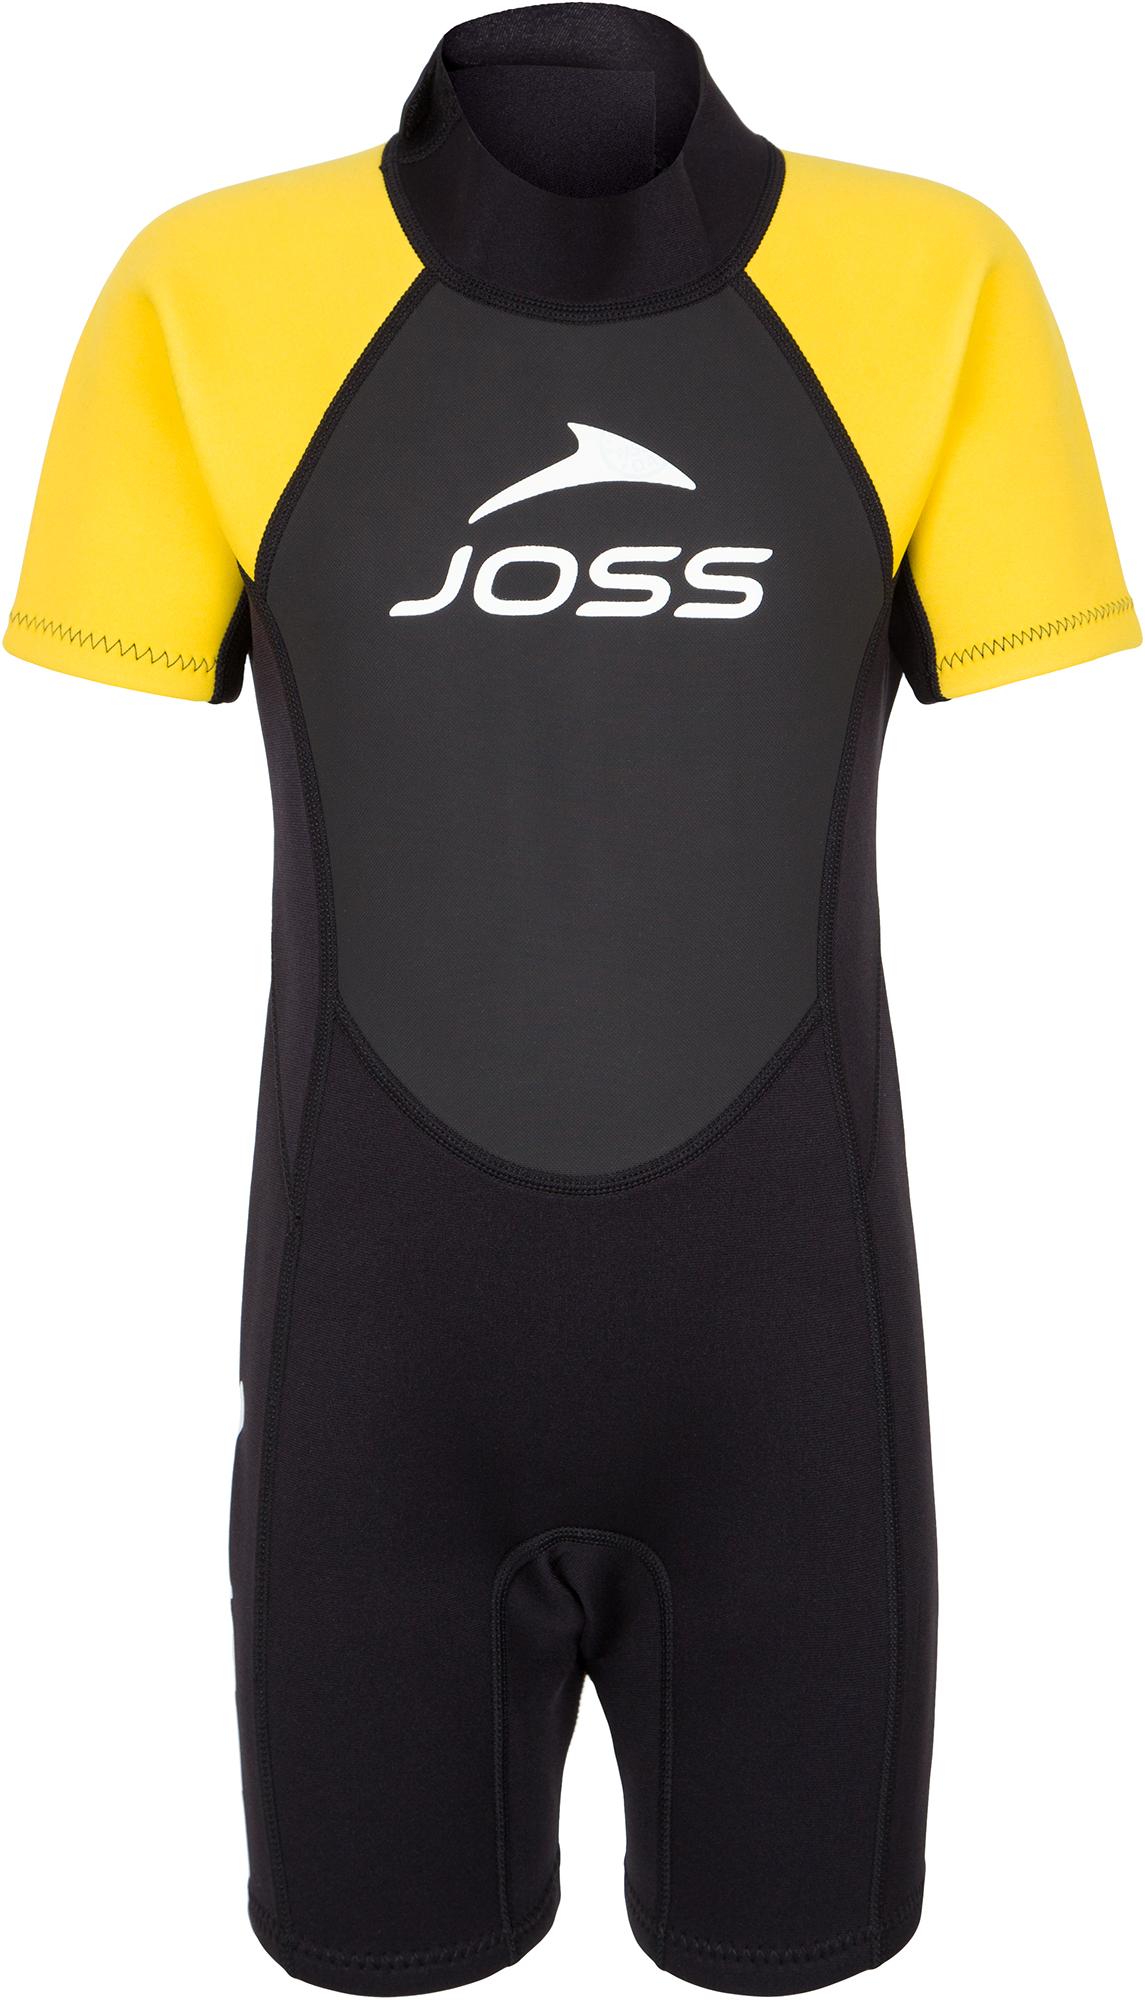 Joss Гидрокостюм короткий детский Joss, размер 140-150